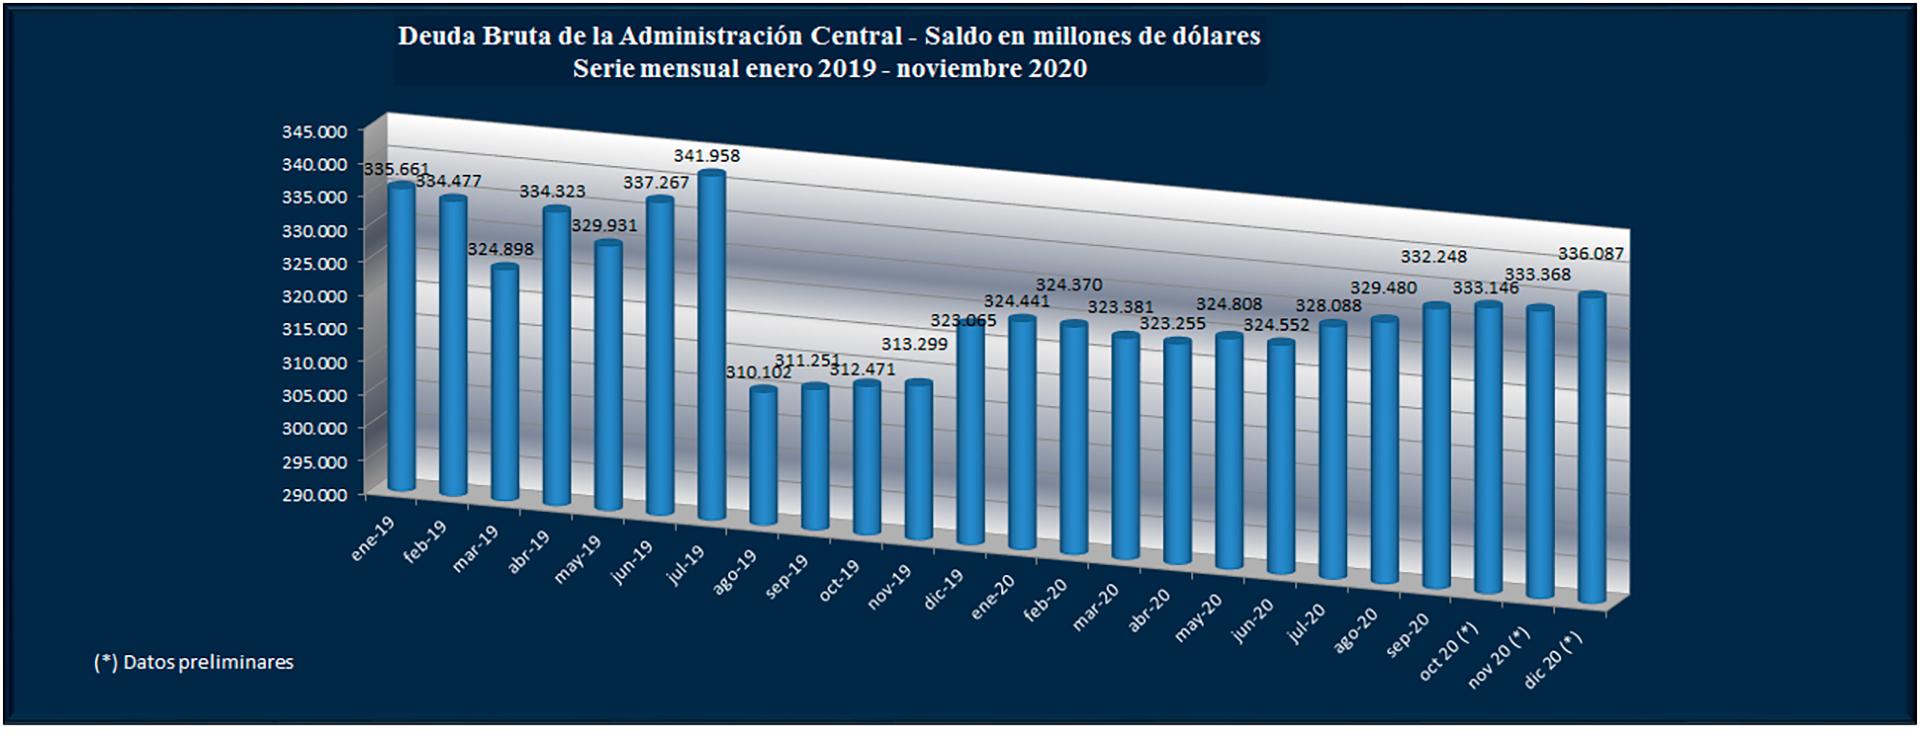 Fuente: Secretaría de Finanzas de la Nación, dados a diciembre 2020